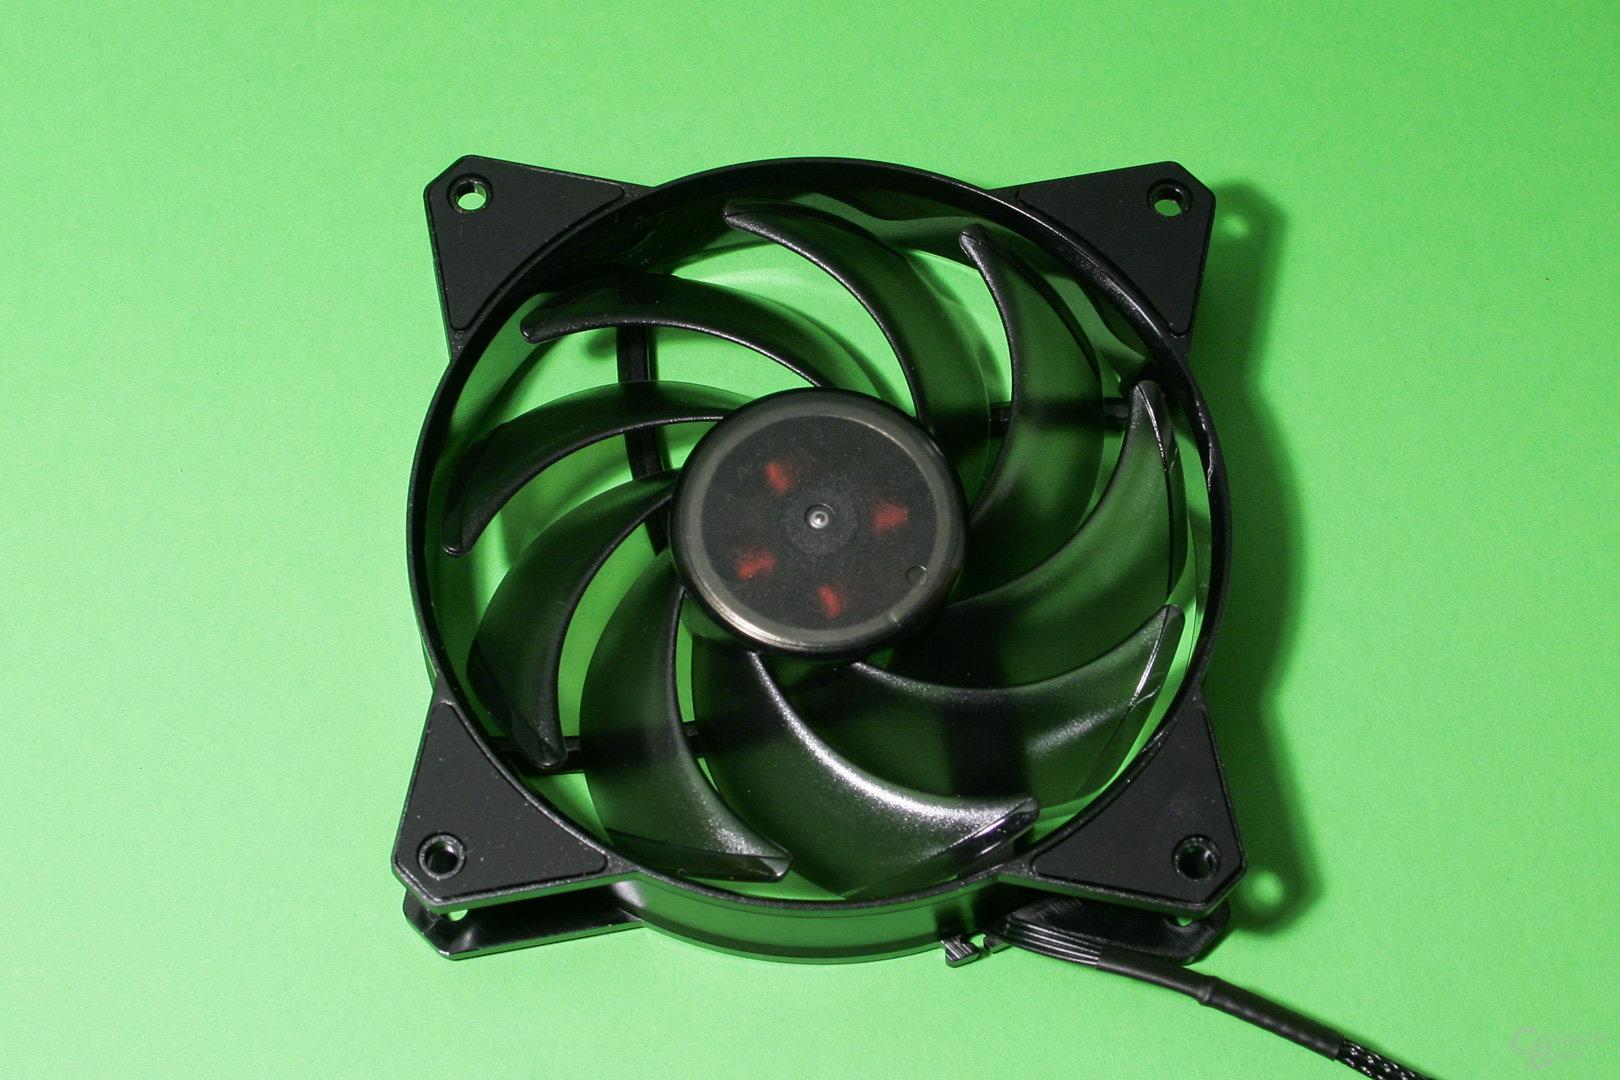 Cooler Master Masterliquid 240: Radiatorlüfter